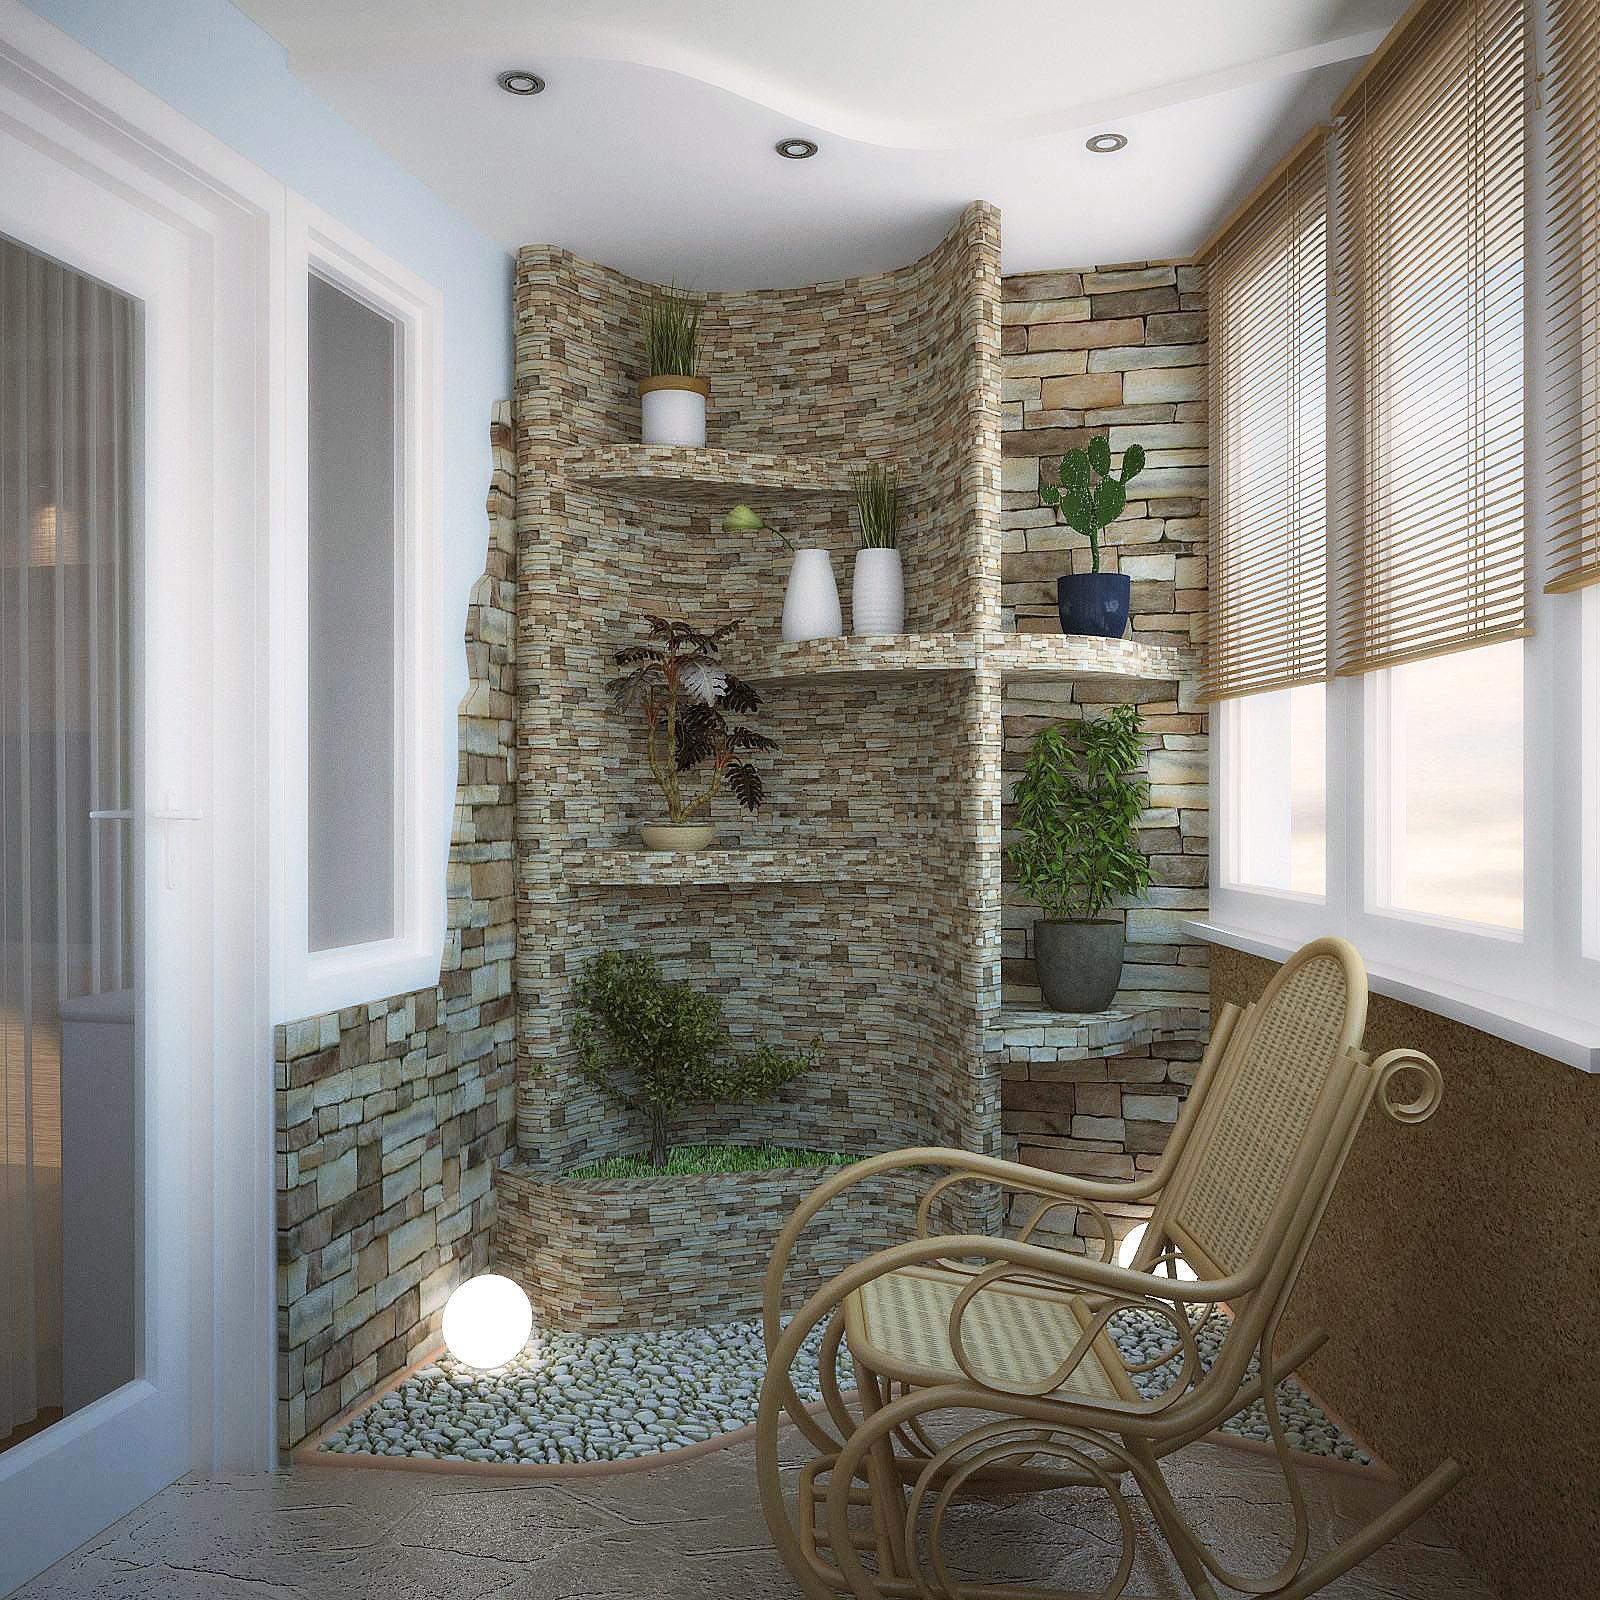 Декор балкона фото фото дизайна интерьеров балконов, ремонт .